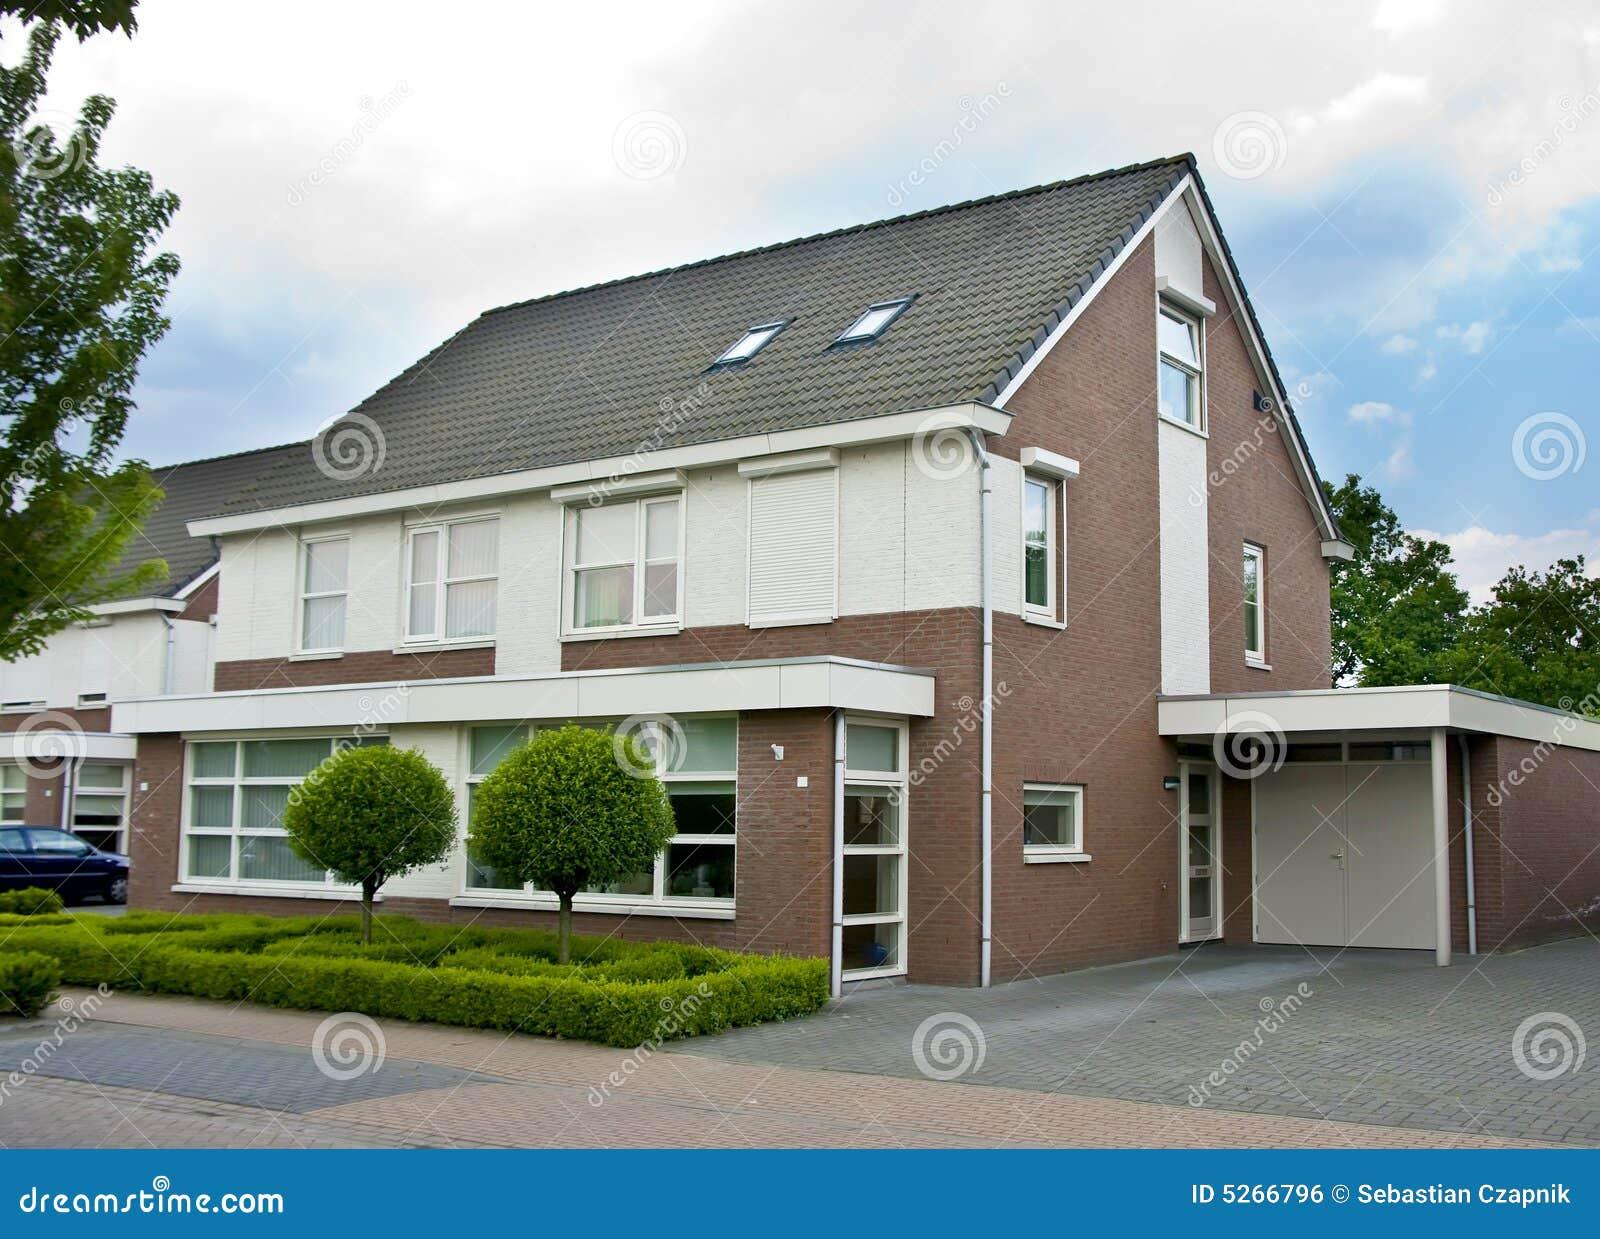 Nederlands huis in de voorsteden royalty vrije stock afbeelding afbeelding 5266796 - Foto huis in l ...